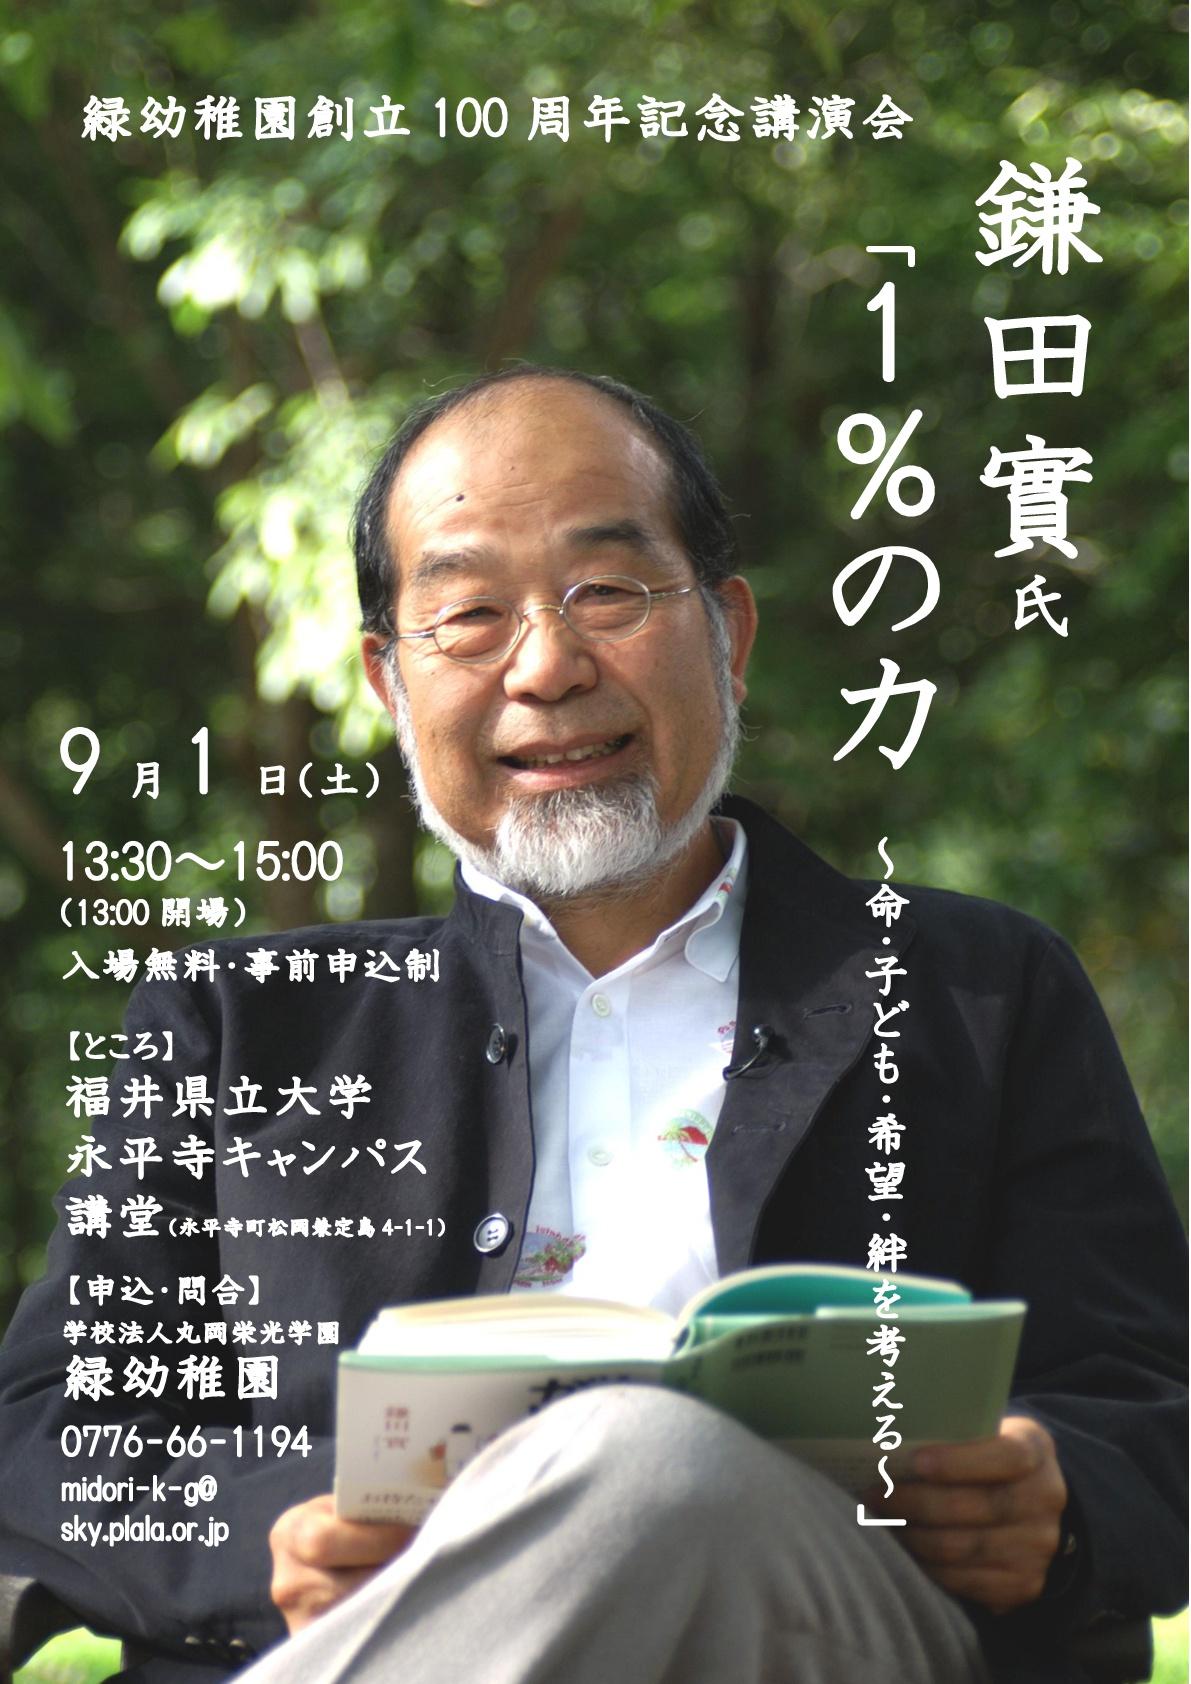 2018緑幼稚園様100周年 鎌田實先生チラシ表-001